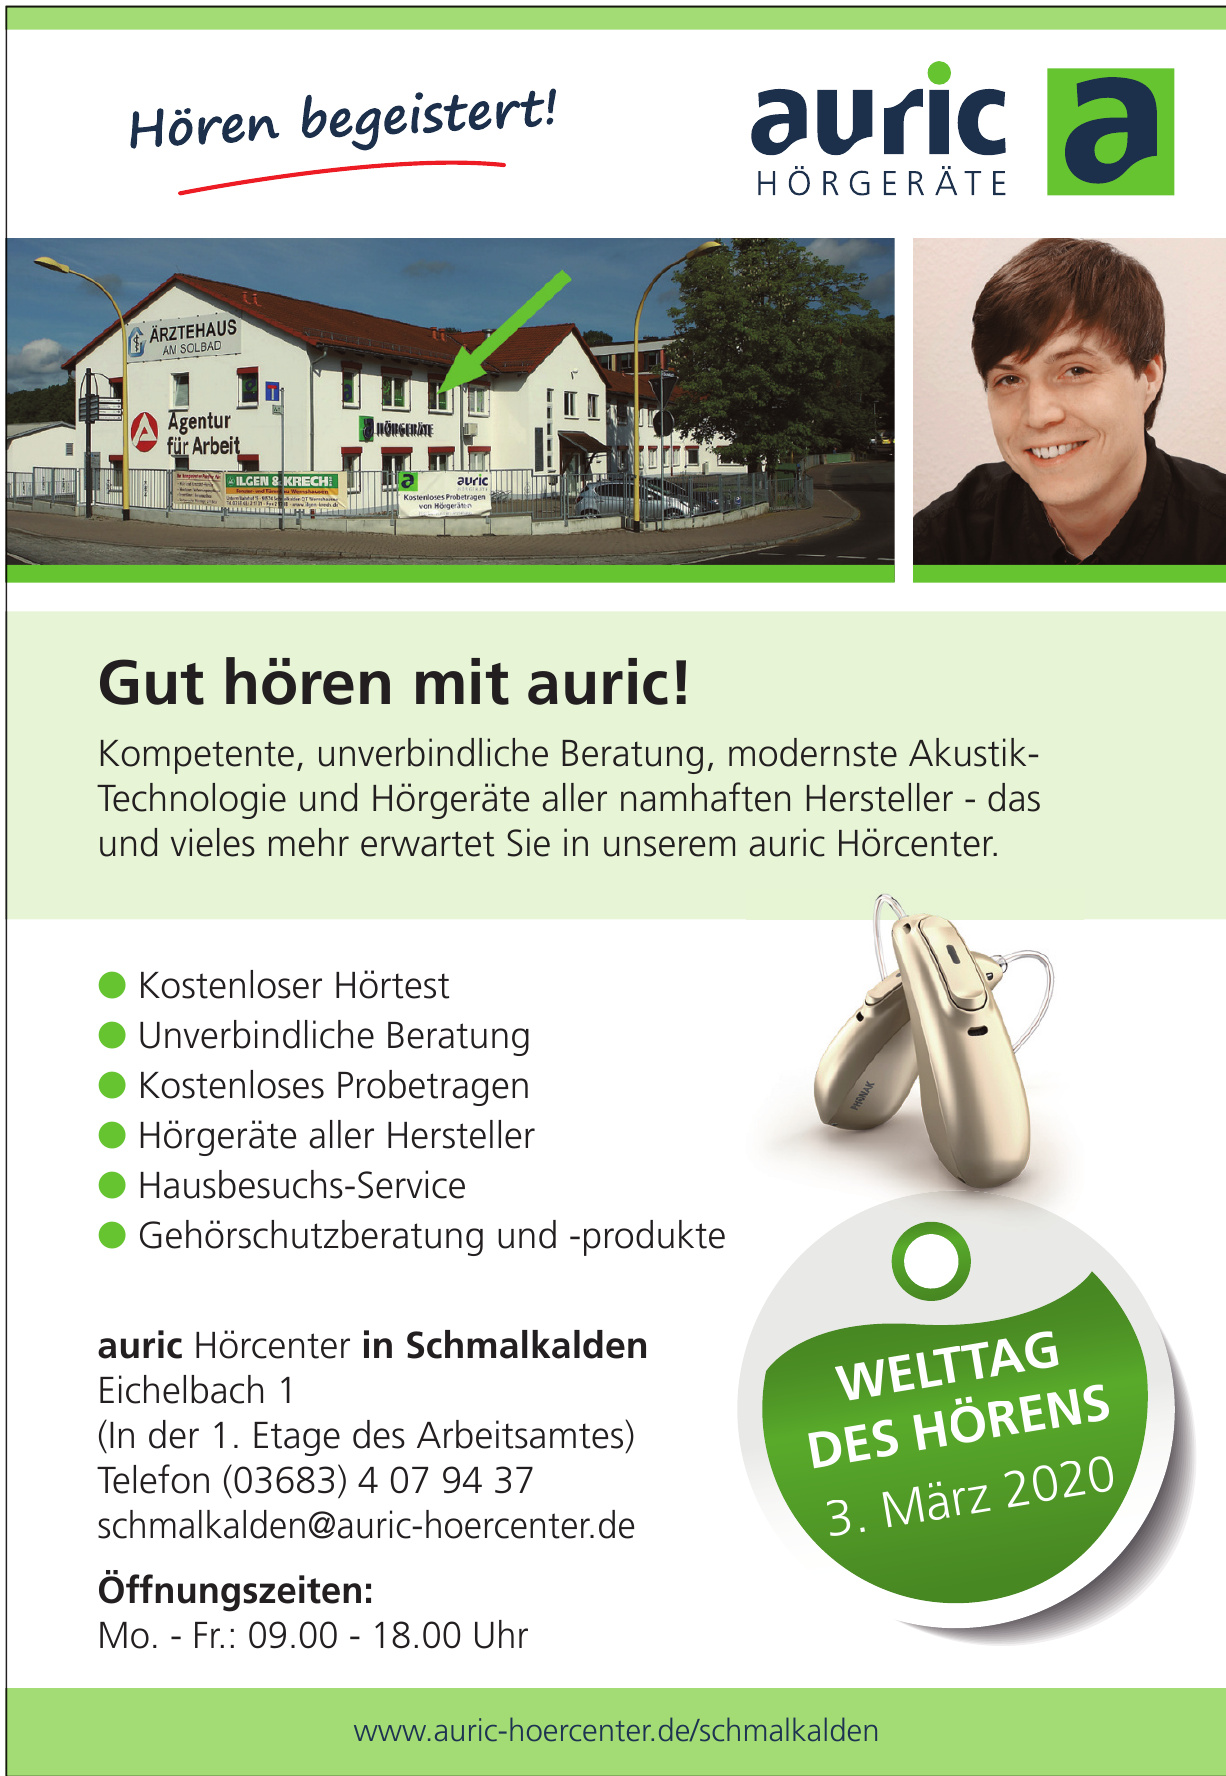 auric Hörcenter in Schmalkalden